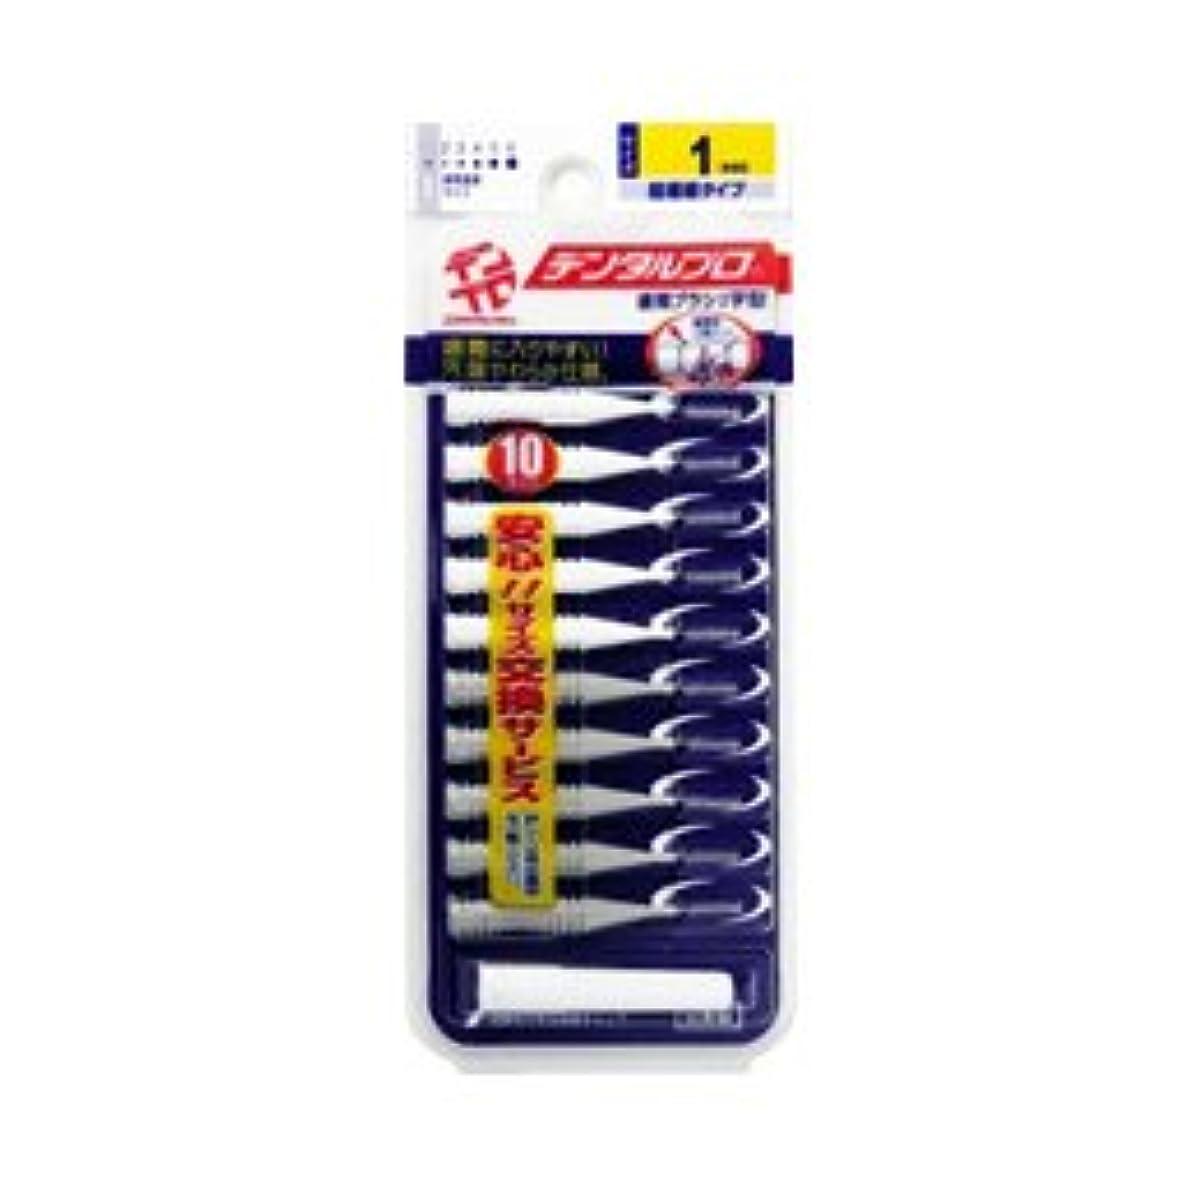 文多分確認するデンタルプロ 歯間ブラシ I字型 15本入り サイズ1 (SSS)